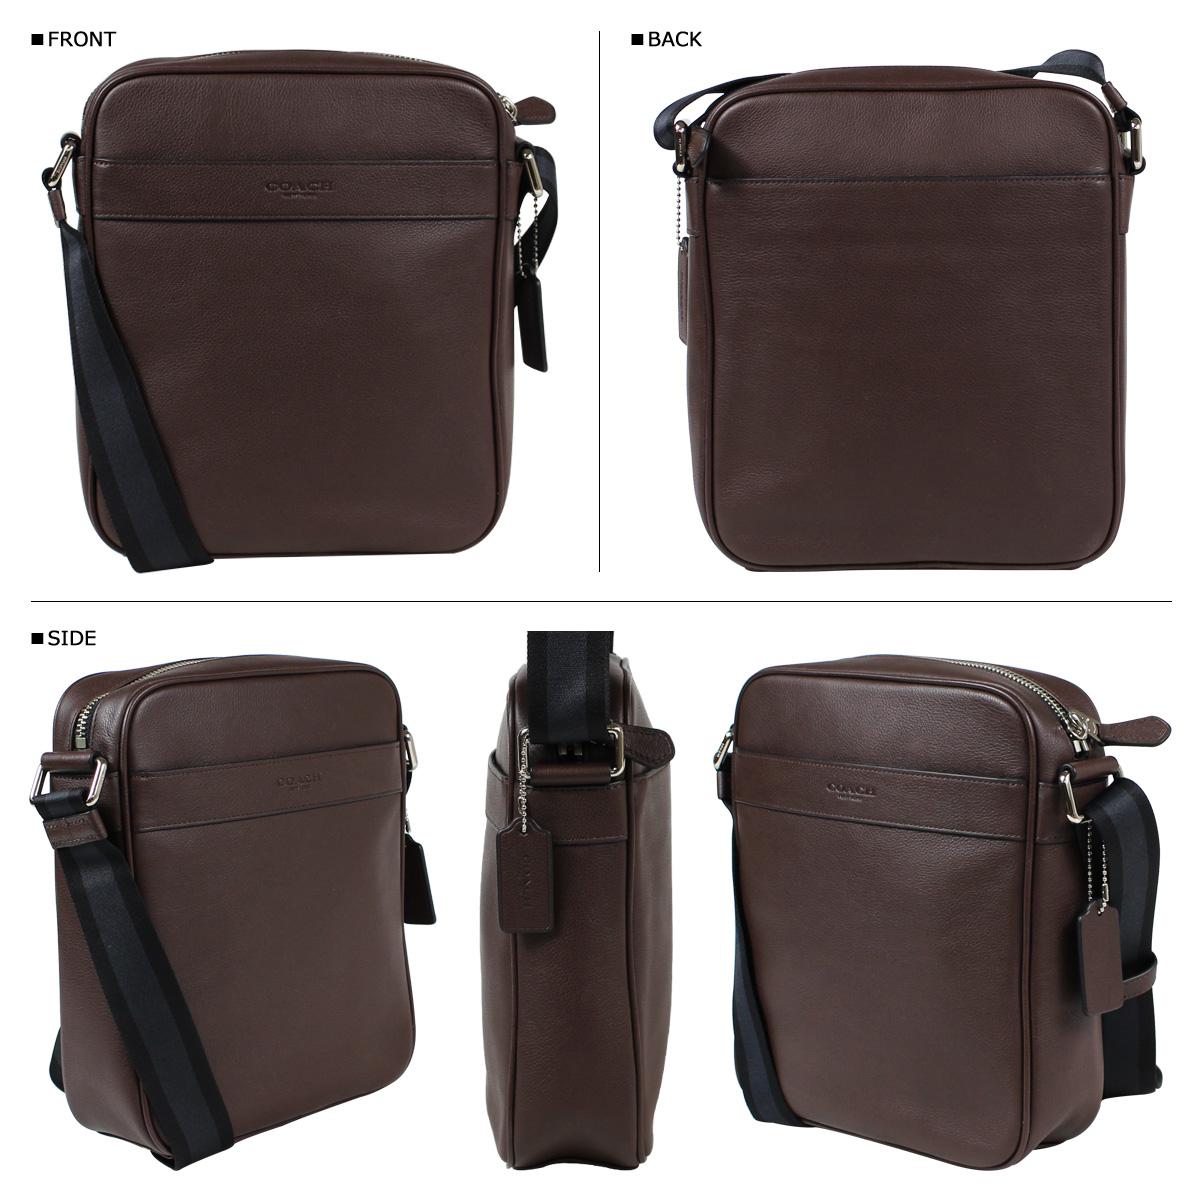 6108bc927b6e 123456789101112 fbbfc e4532  best coach coach mens bags shoulder bag f54782  mahogany 2e9be 2b4b8